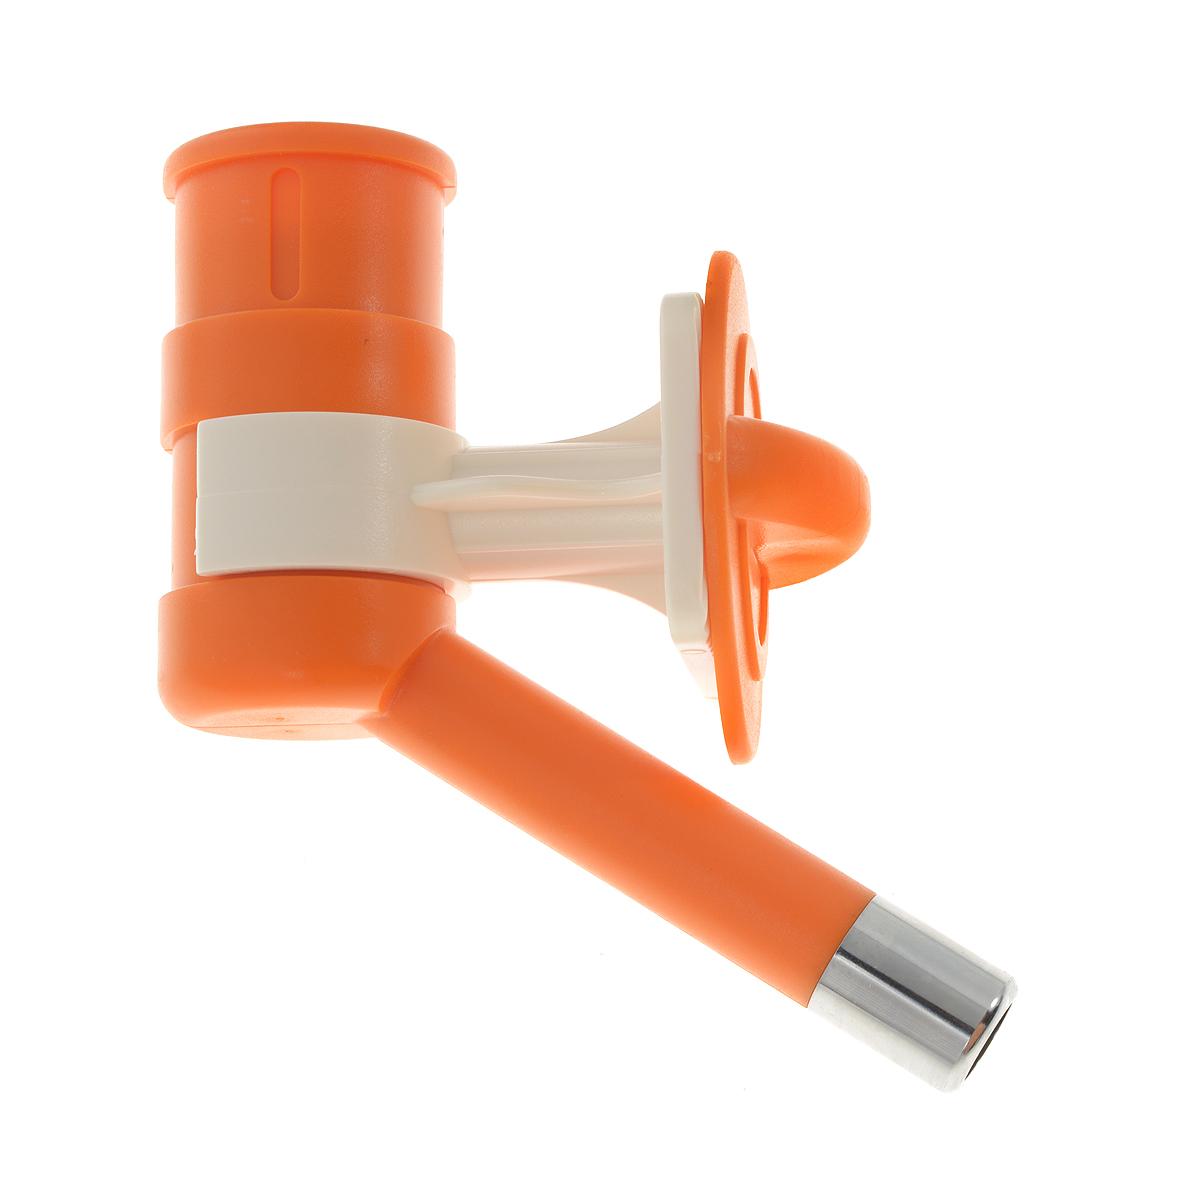 Автопоилка для животных, универсальная, цвет: оранжевый